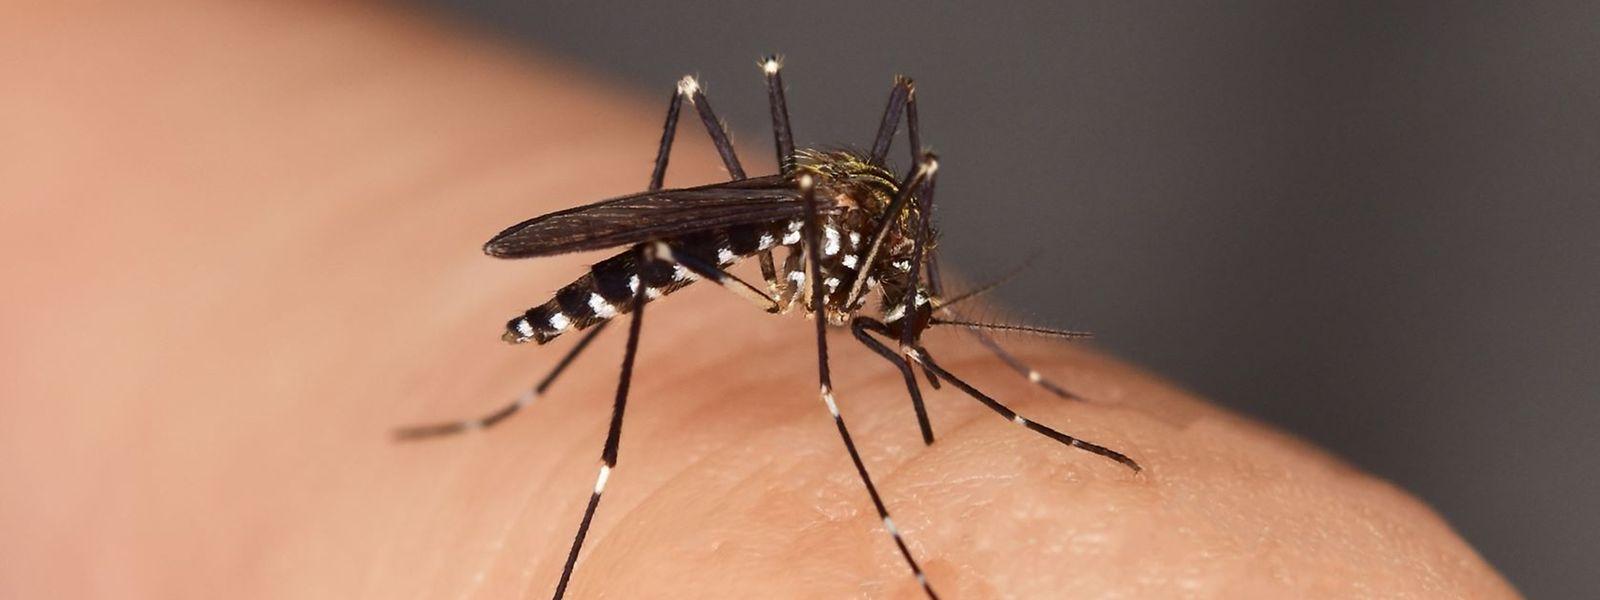 Le moustique tigre n'est pas porteur de maladie, au Luxembourg.